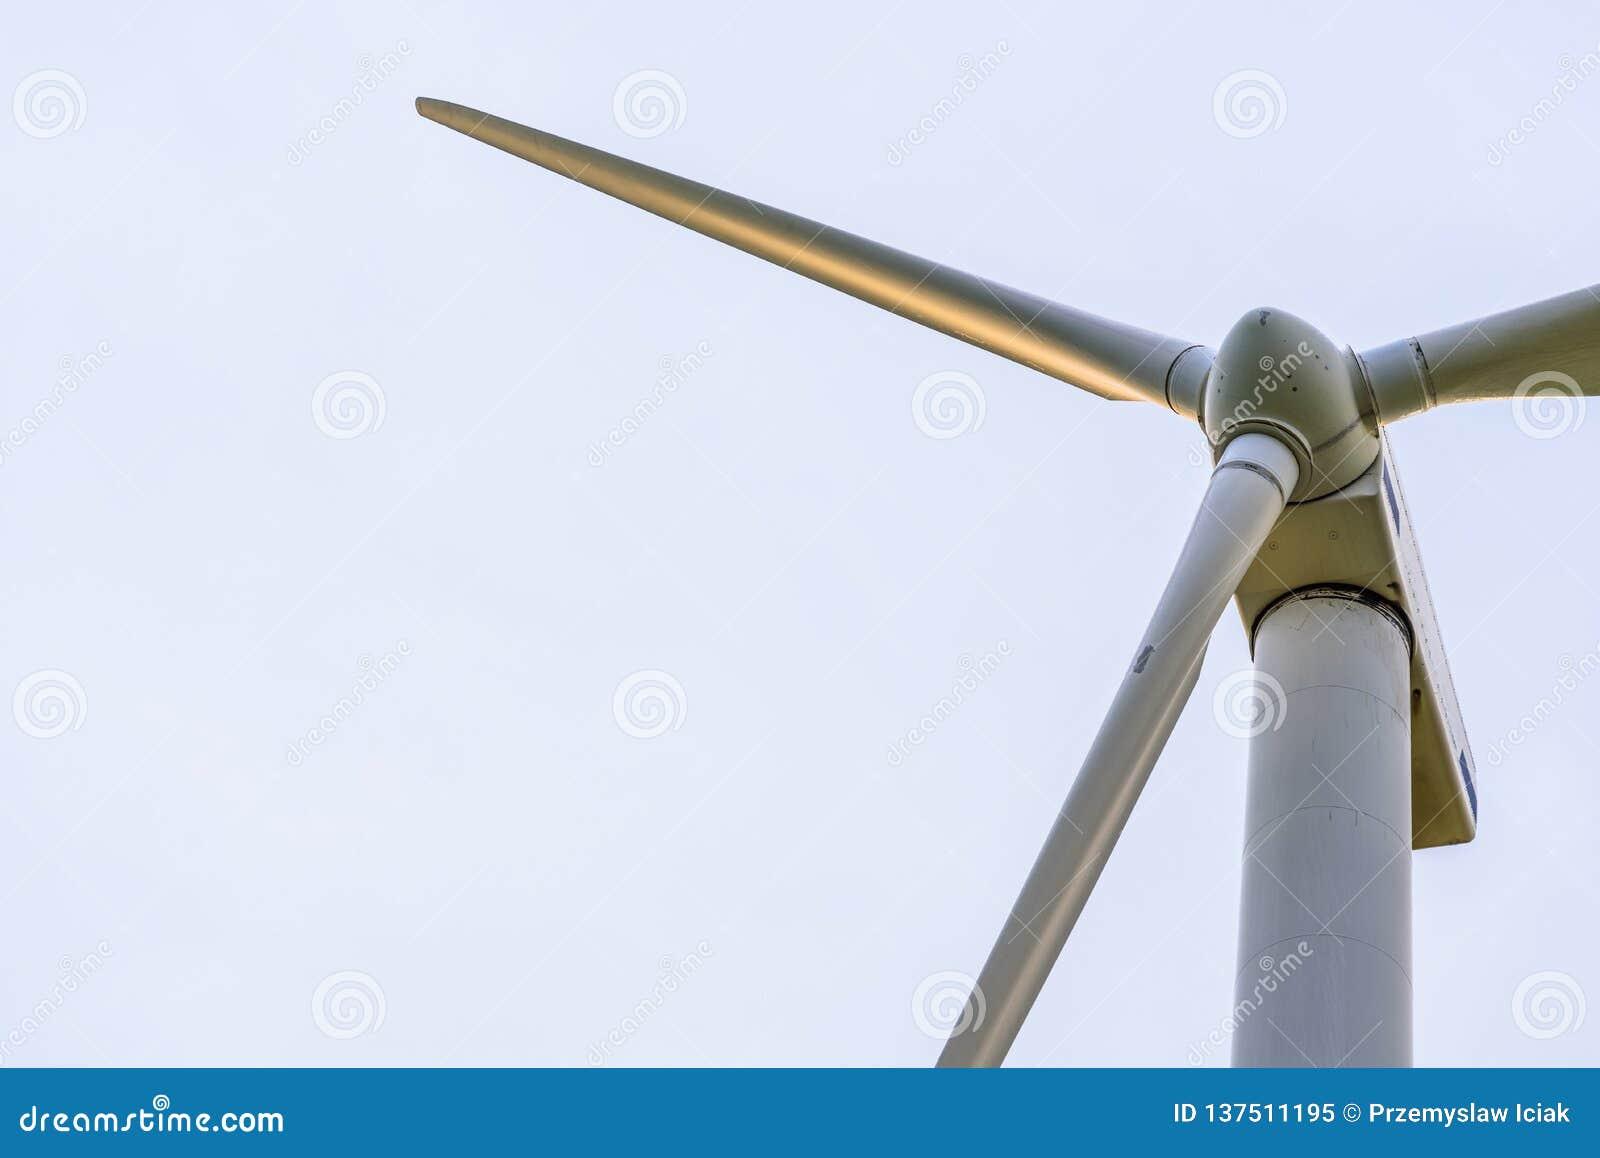 Slut för vindturbin upp sikt på en blå himmel